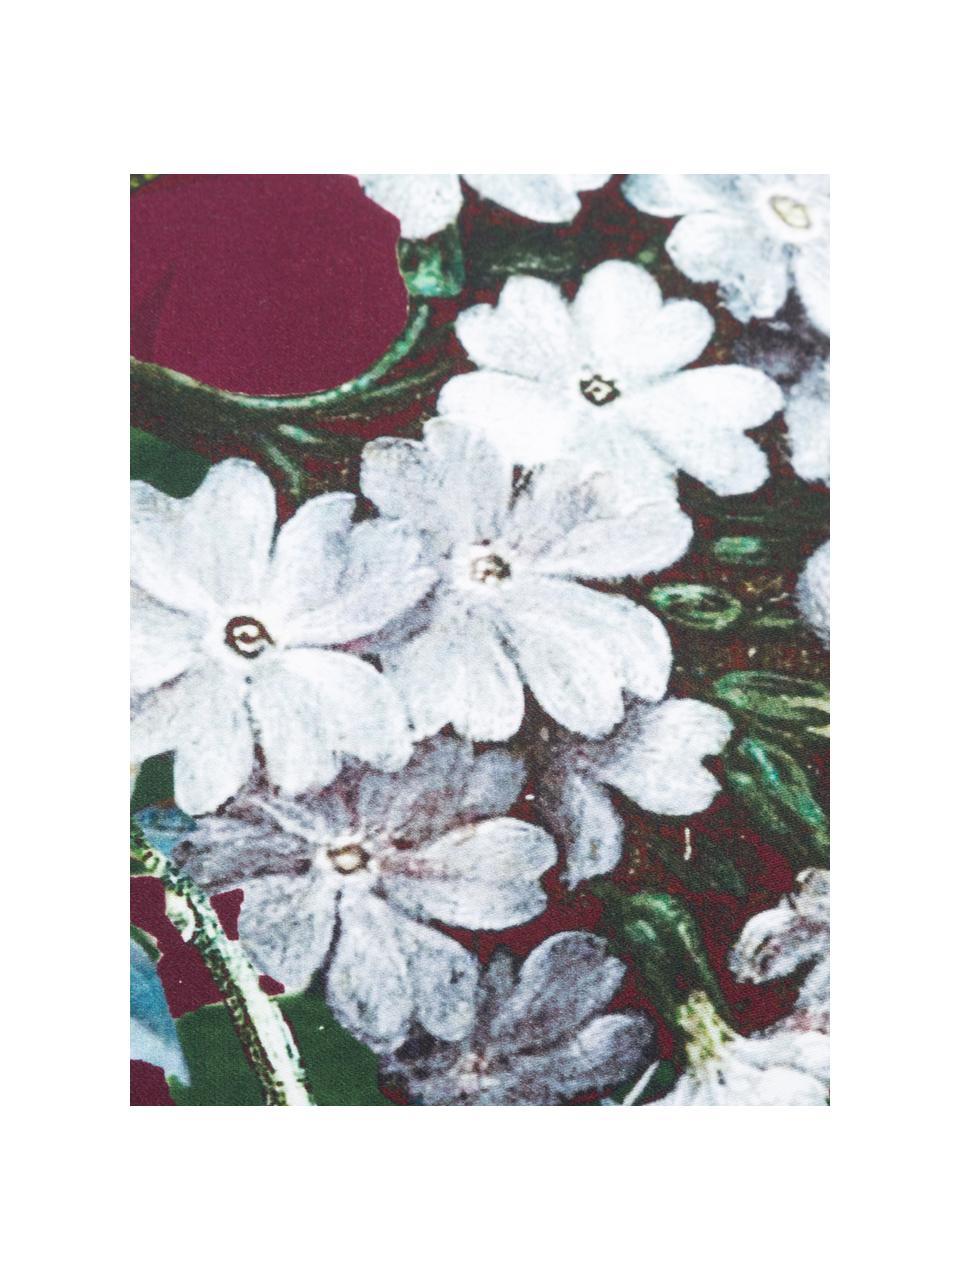 Pościel z satyny bawełnianej  Fleur, Burgundowy, wielobarwny (biały, zielony, żółty), 135 x 200 cm + 1 poduszka 80 x 80 cm